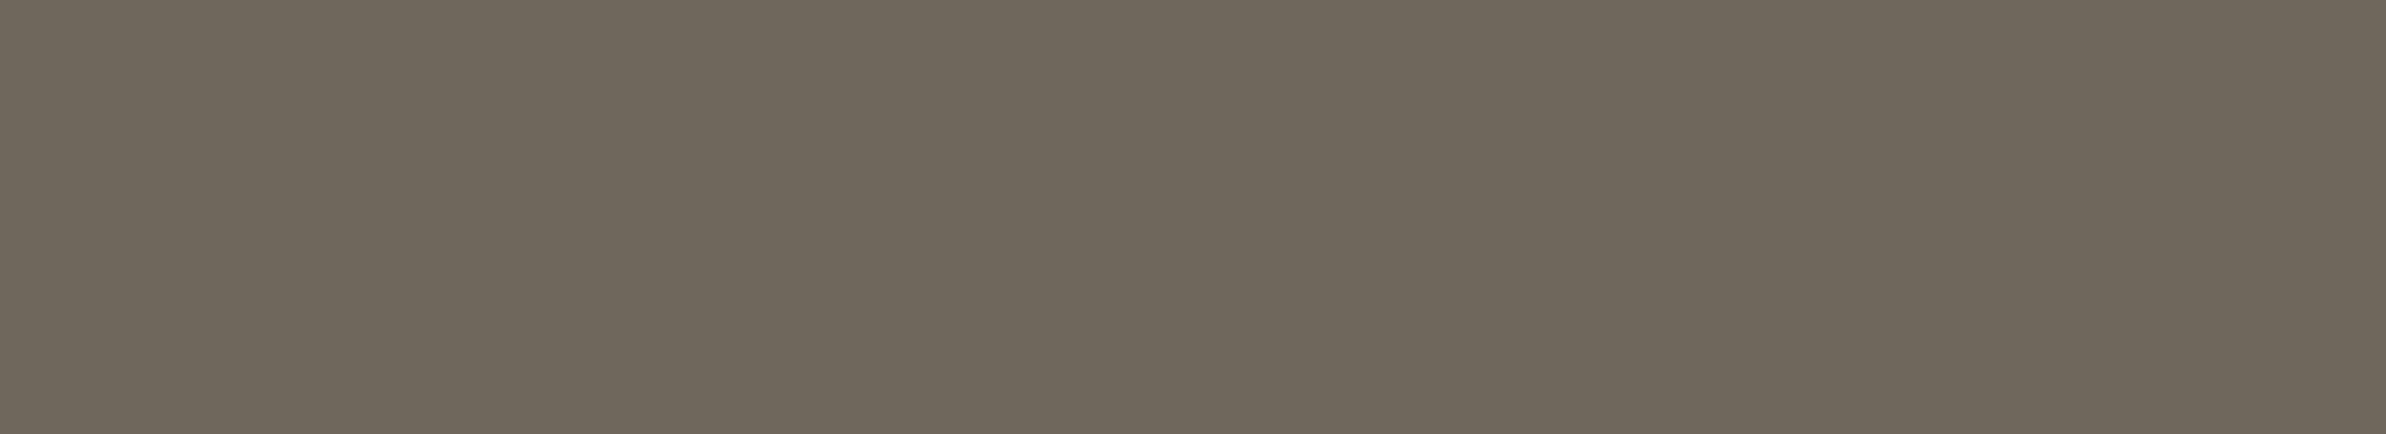 #2435 @ 1% - Grey